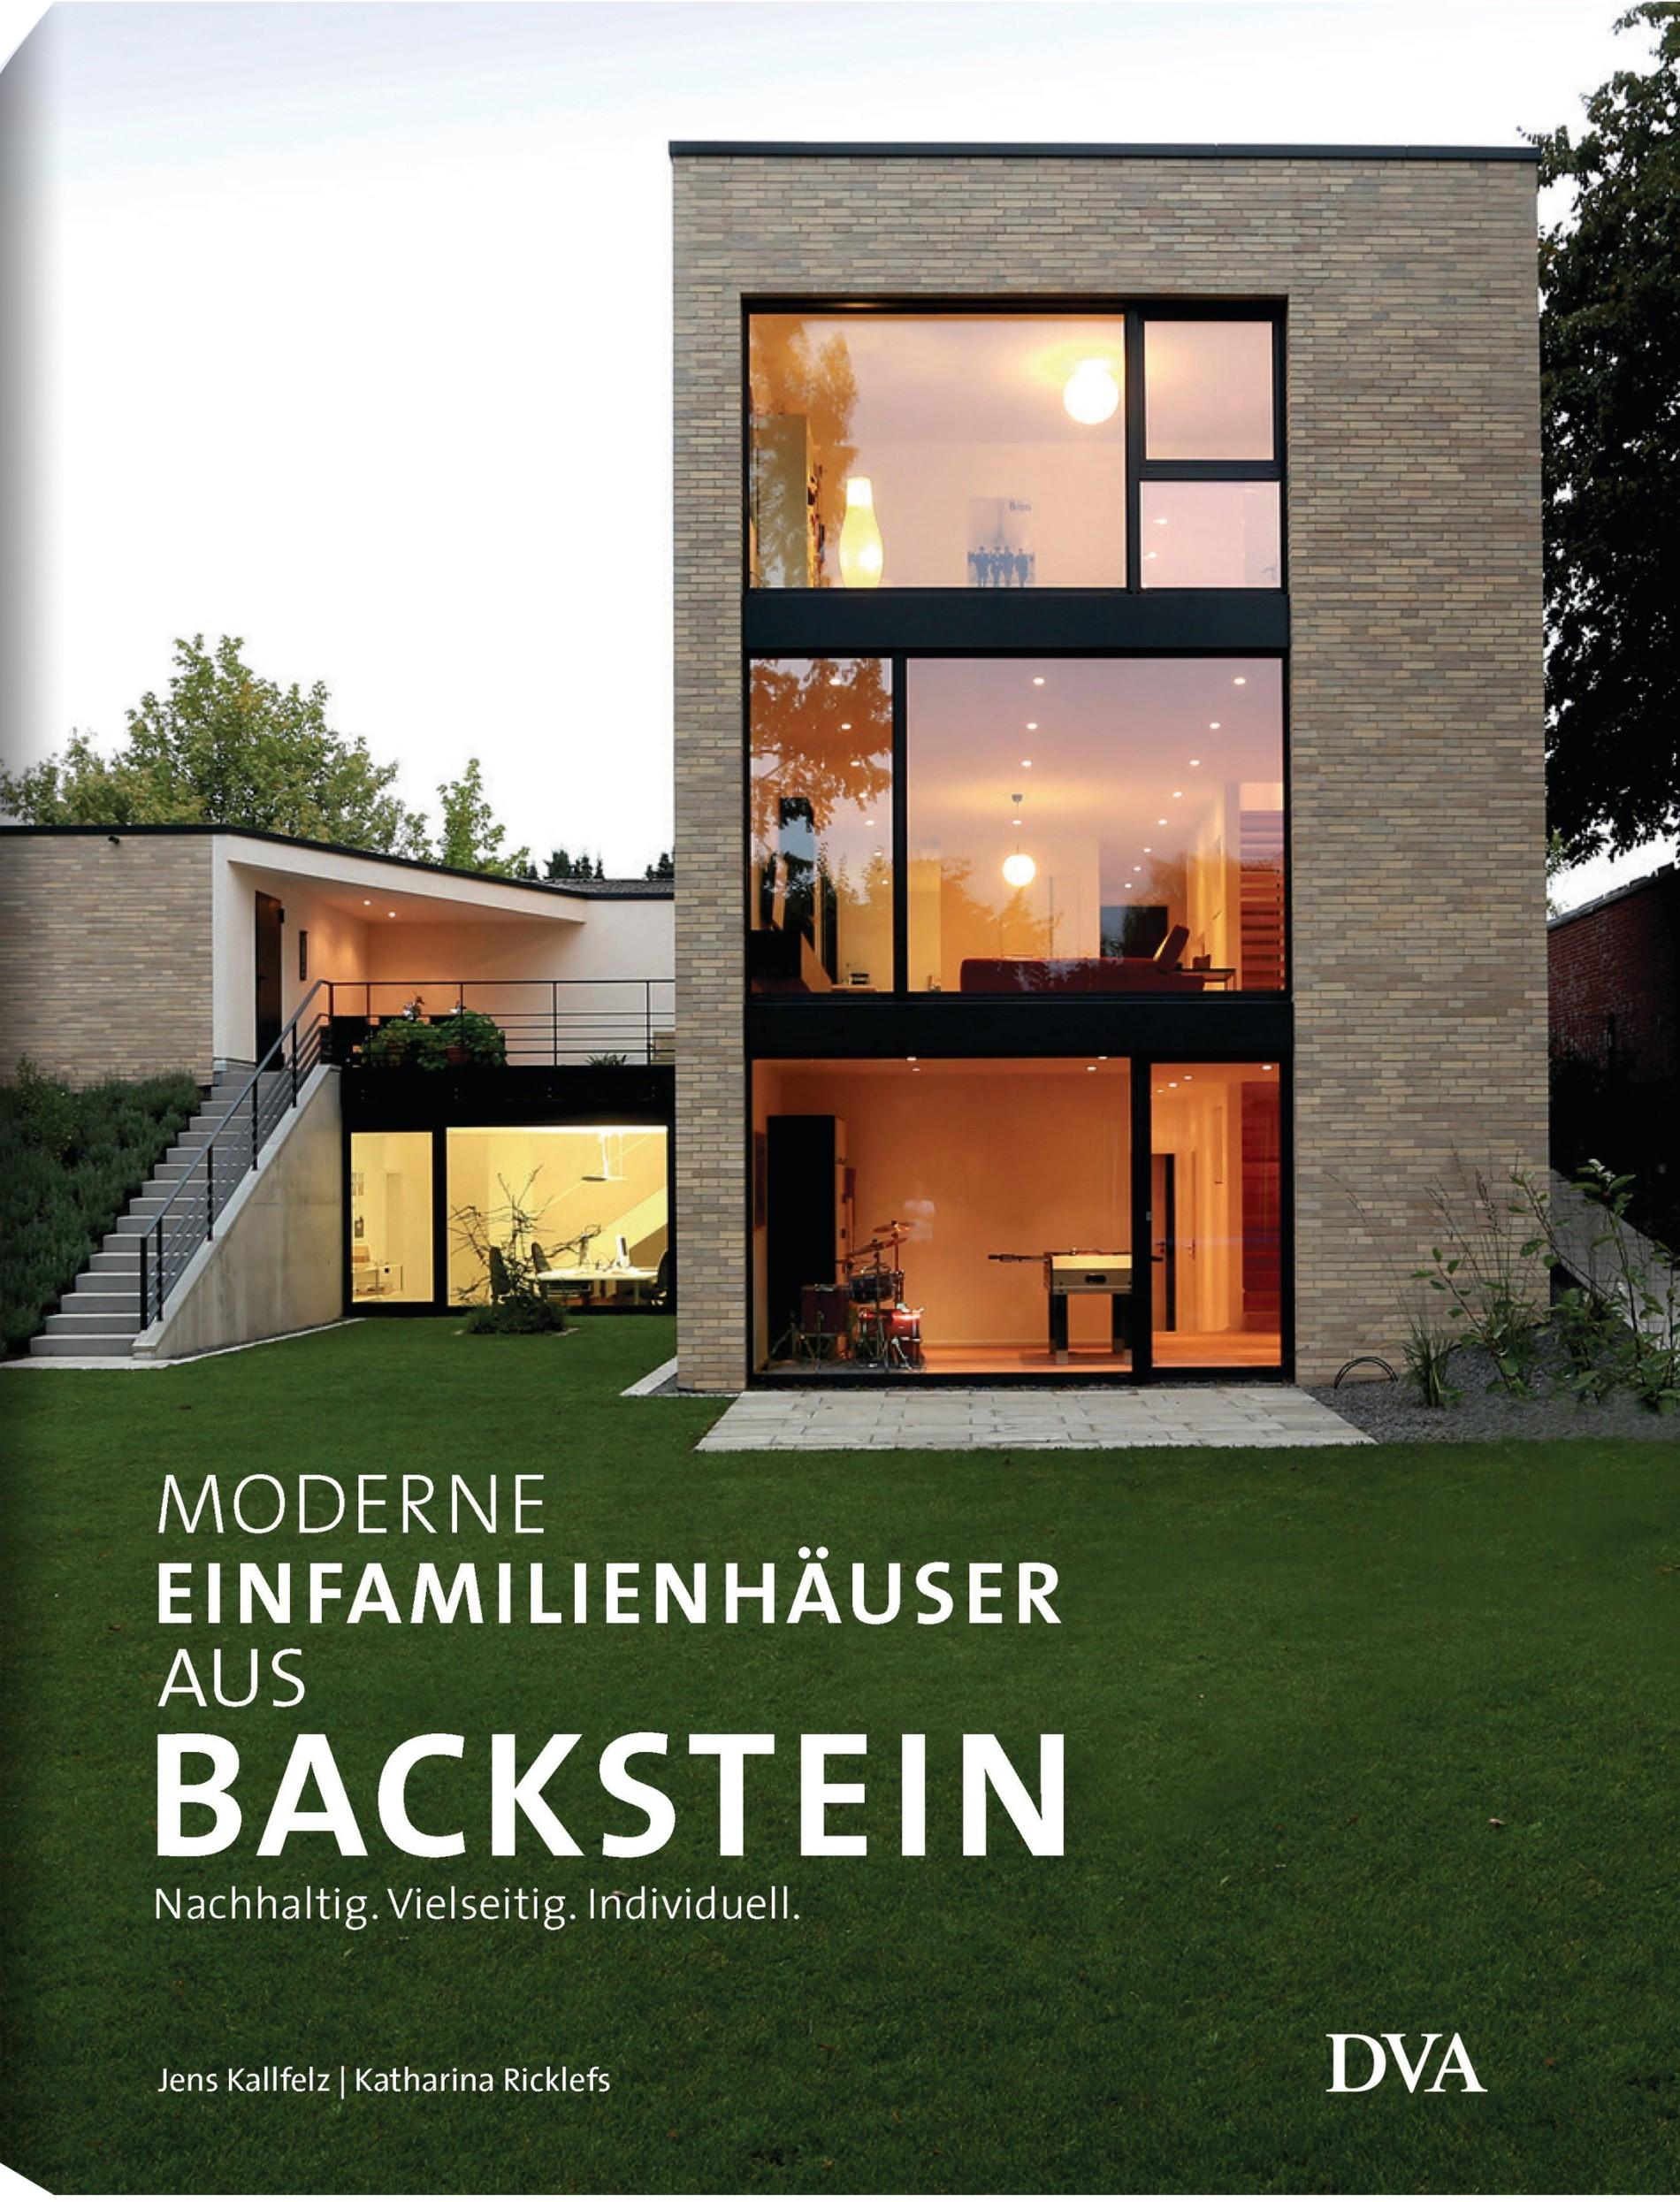 U201eModerne Einfamilienhäuser Aus Backstein. Nachhaltig. Vielseitig.  Individuellu201c Von Jens Kallfelz Und Katharina Ricklefs, DVA, München 2016.